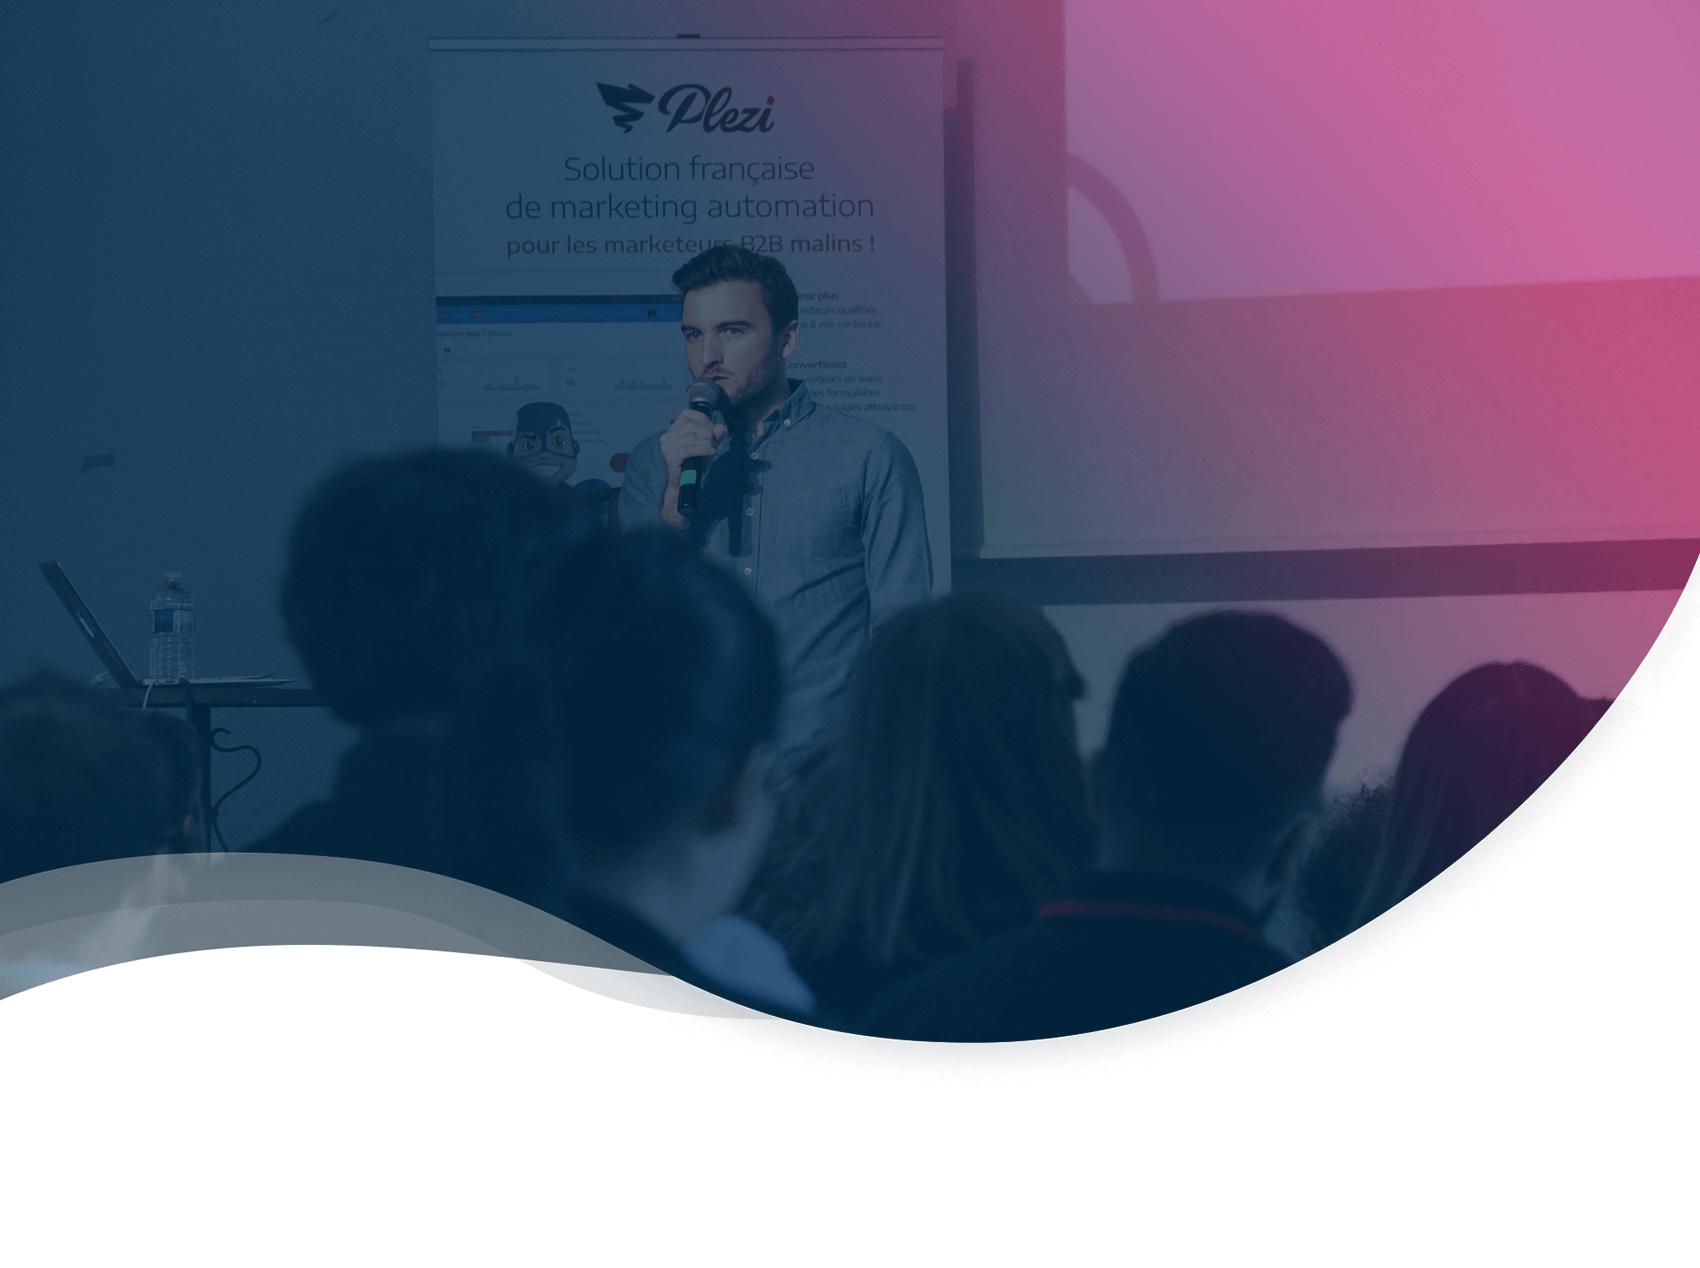 Pleziday: 18 mois pour lancer sa startup ou les 5 challenges des marketeurs, par Jonathan Costet